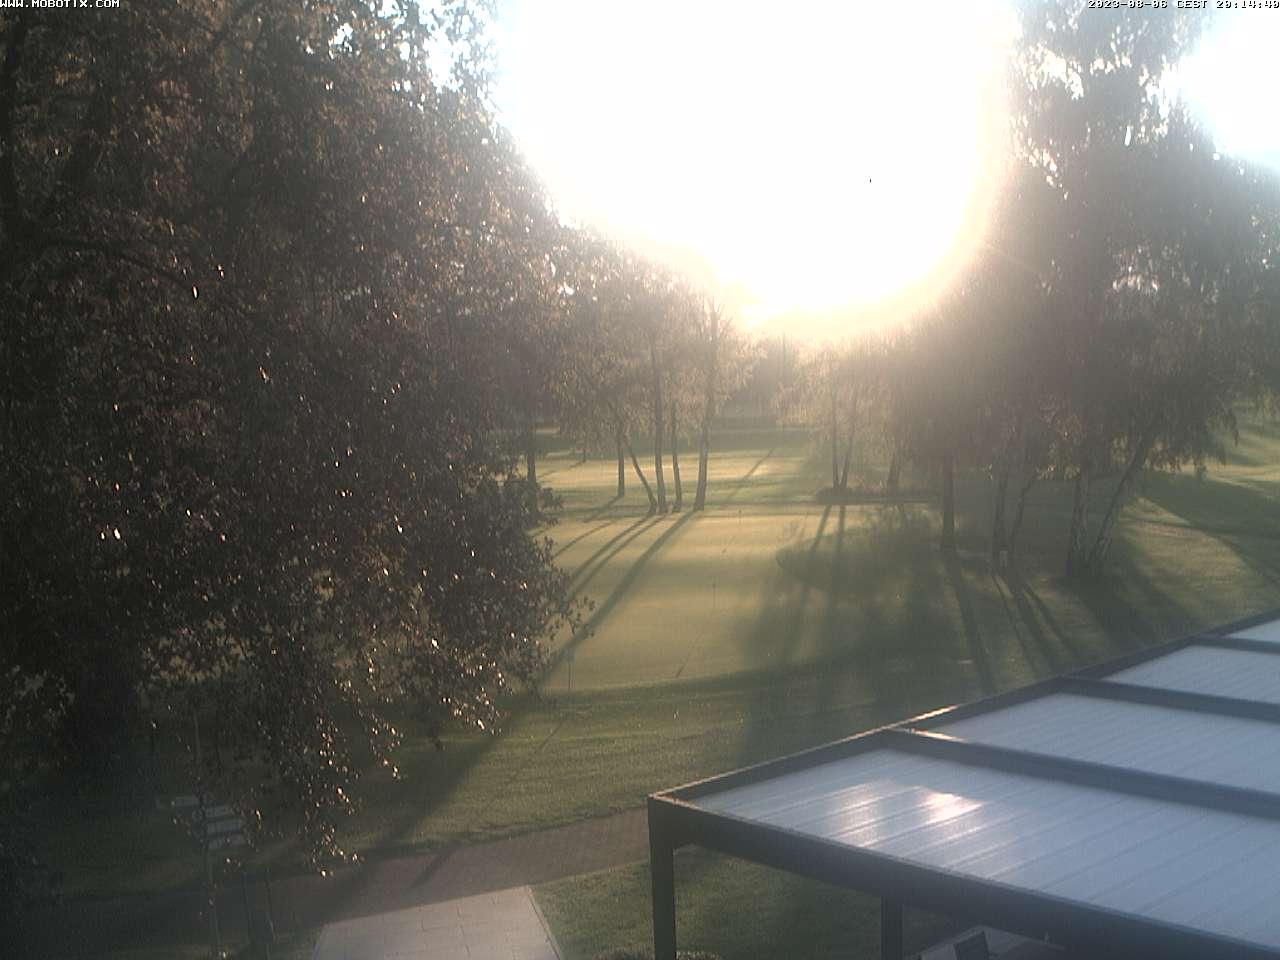 L'image de la webcam ne peut pas être affichée